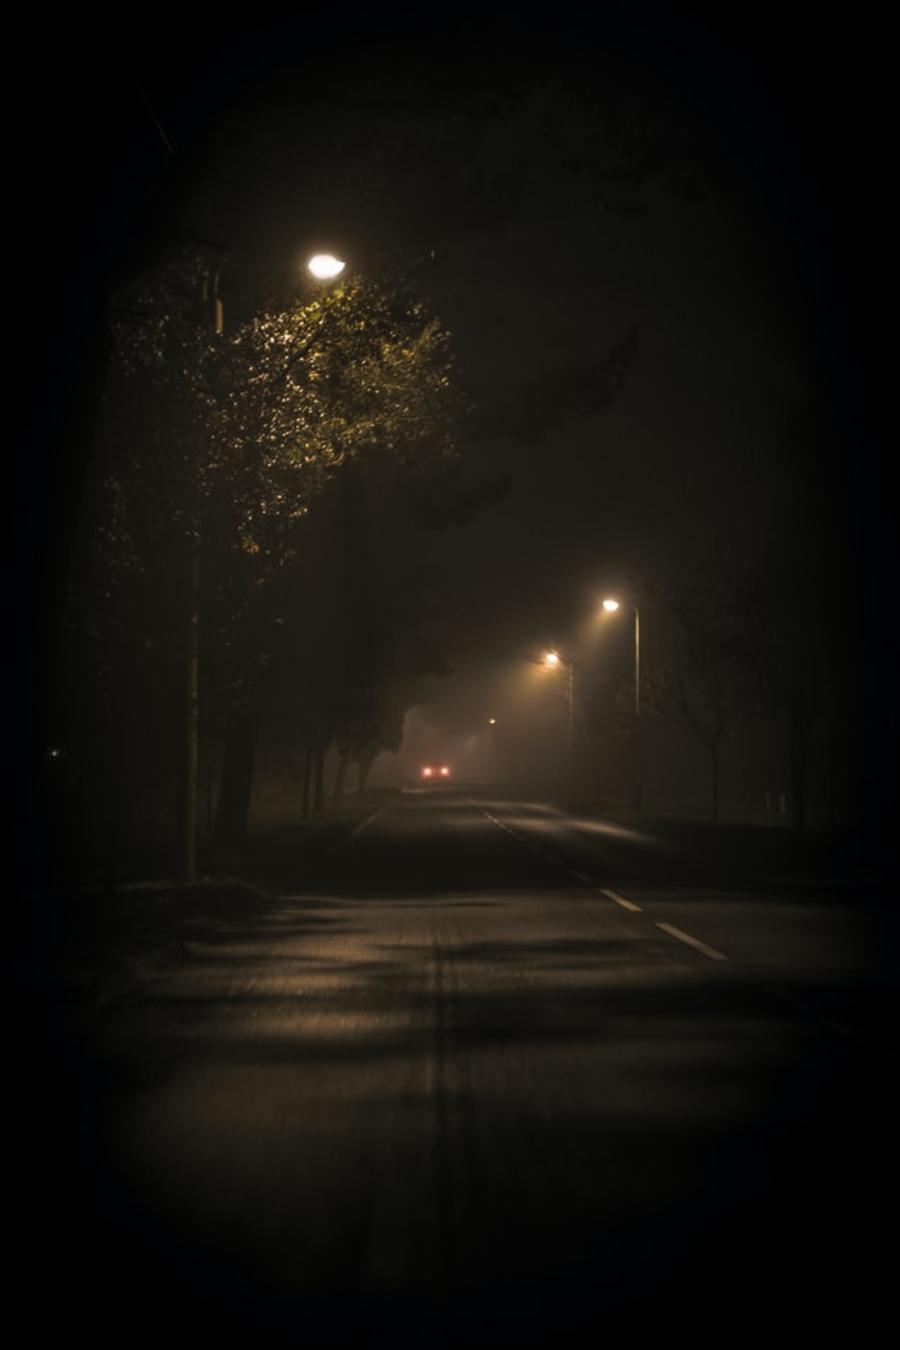 Mørk gade med enkelte gadelamper